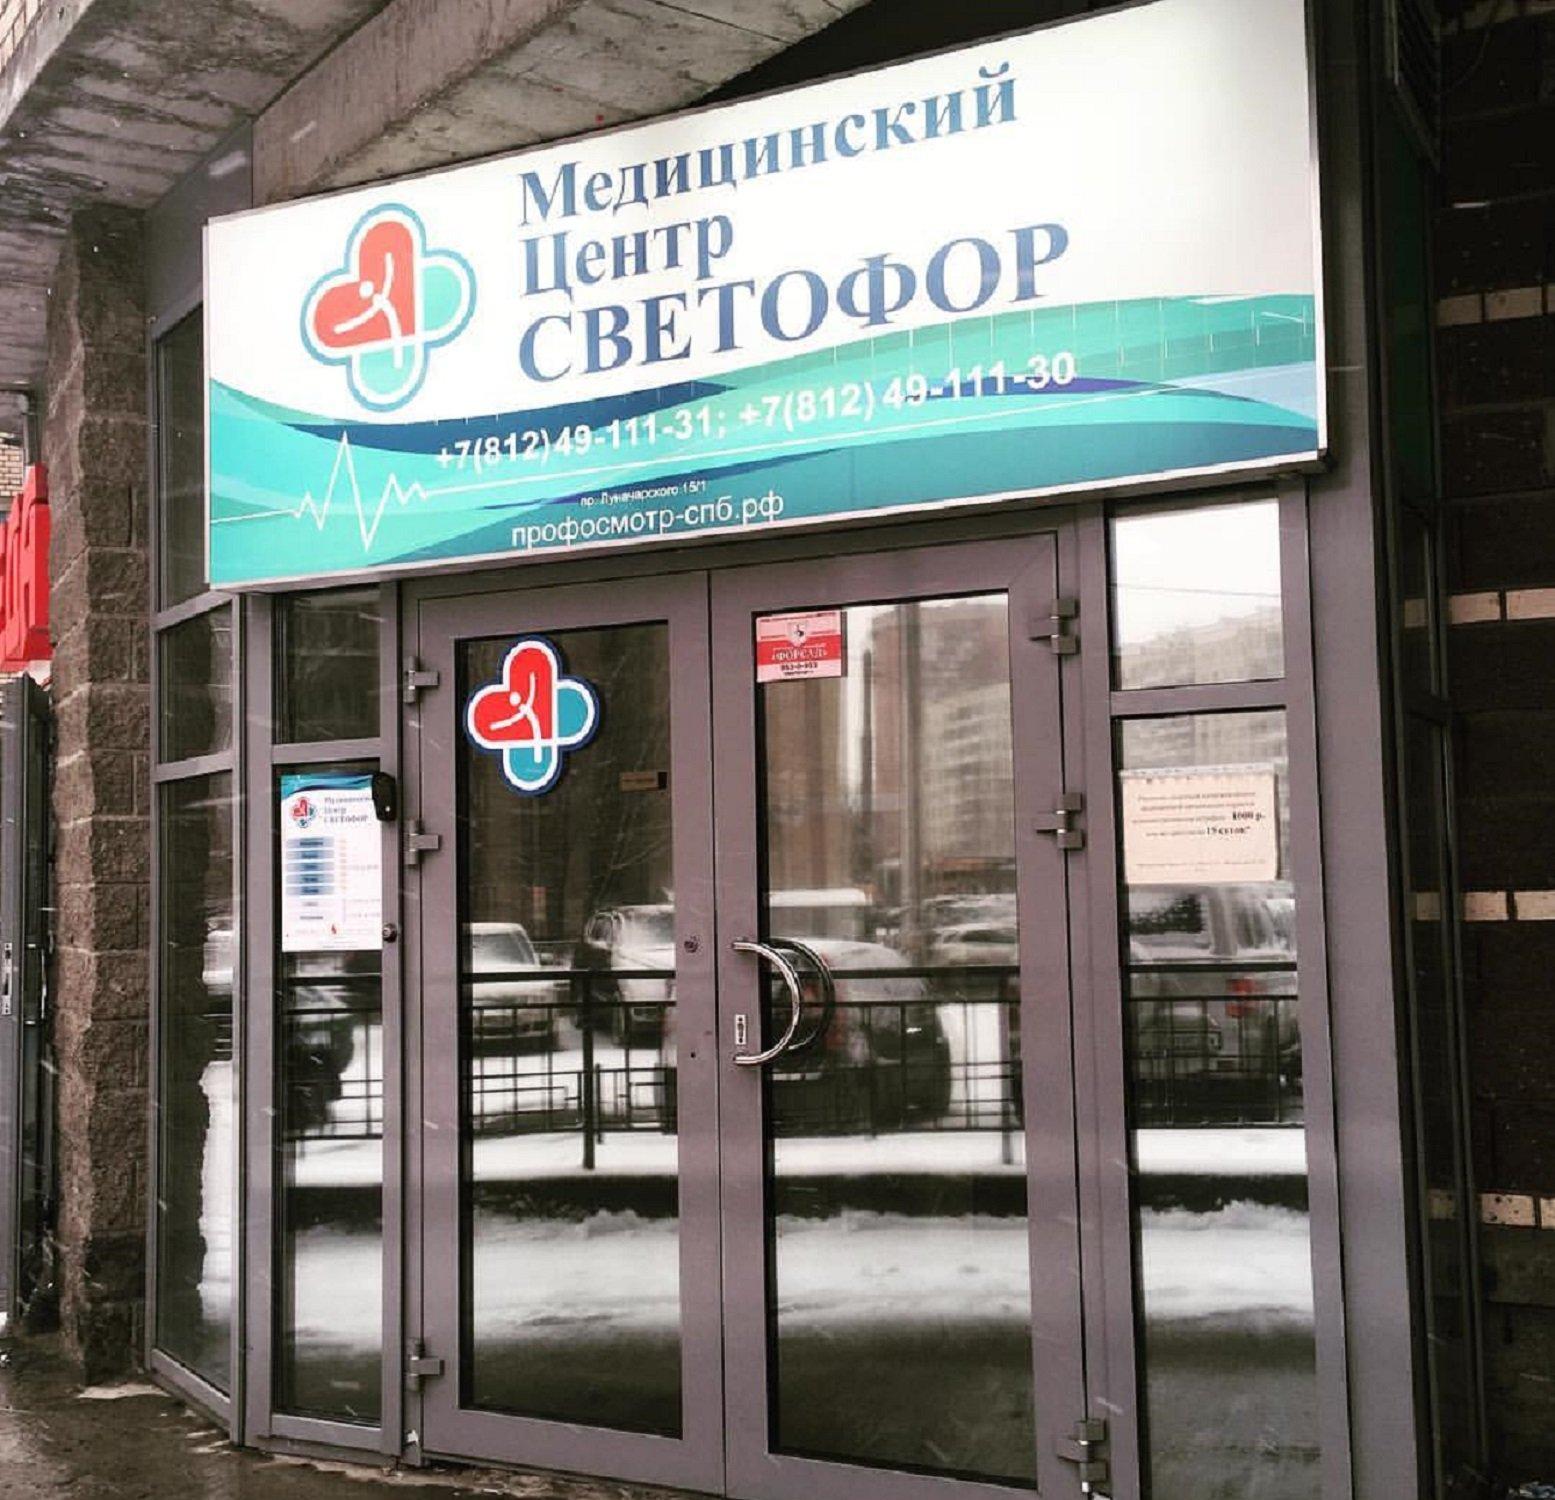 фотография Медицинского центра Светофор в Выборгском районе